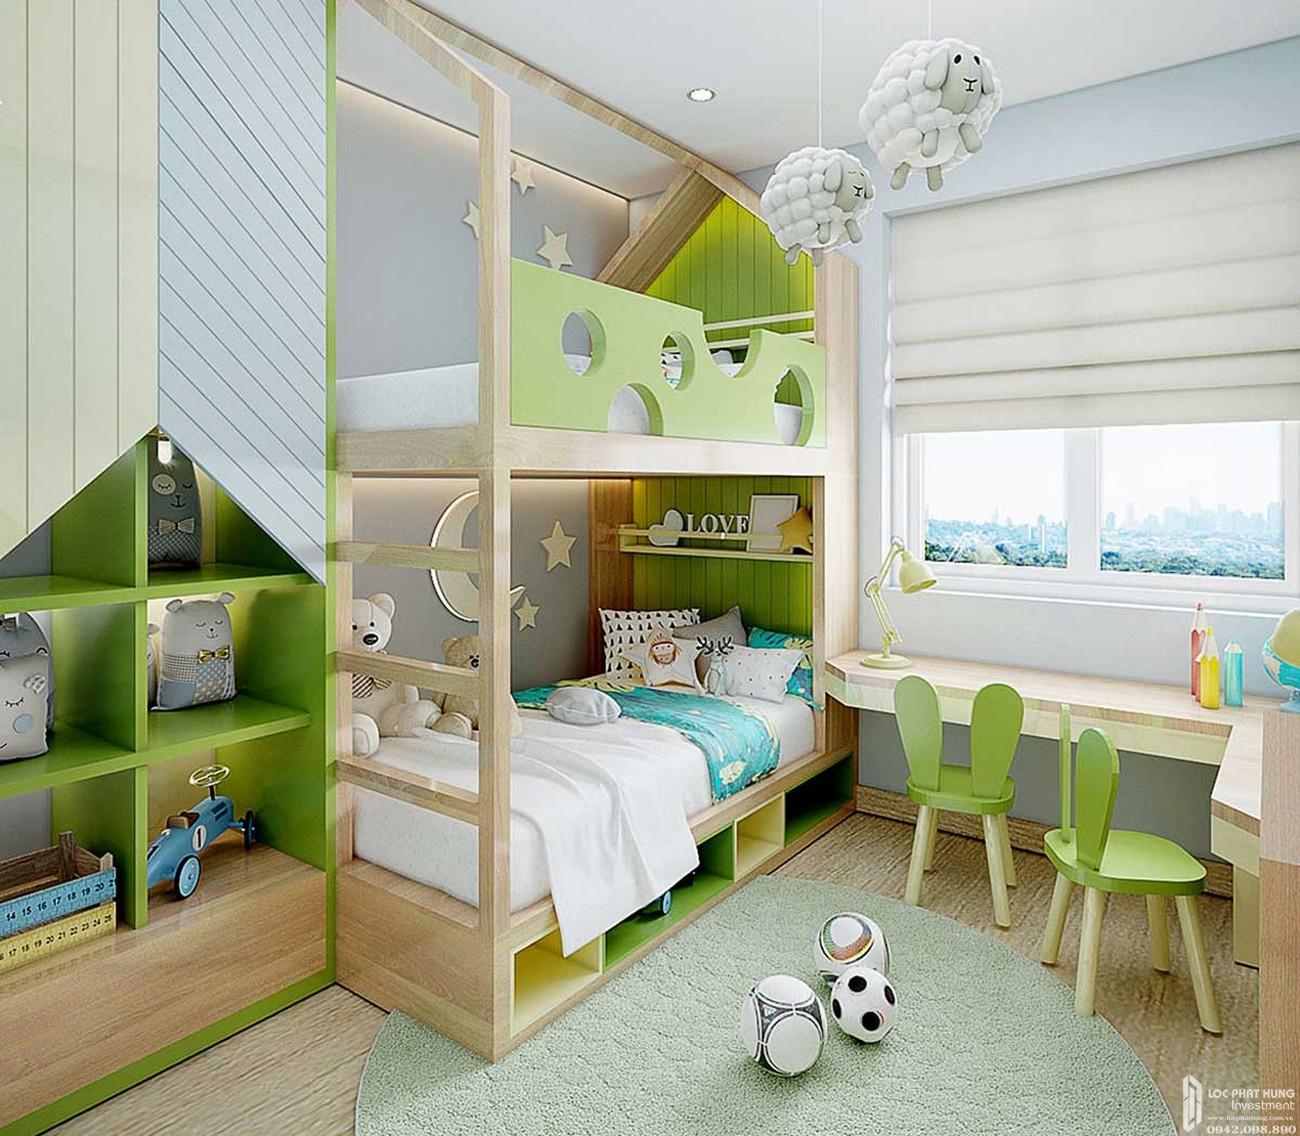 Phòng ngủ nhỏ căn hộ Icon Plaza Thuận An Bình Dương